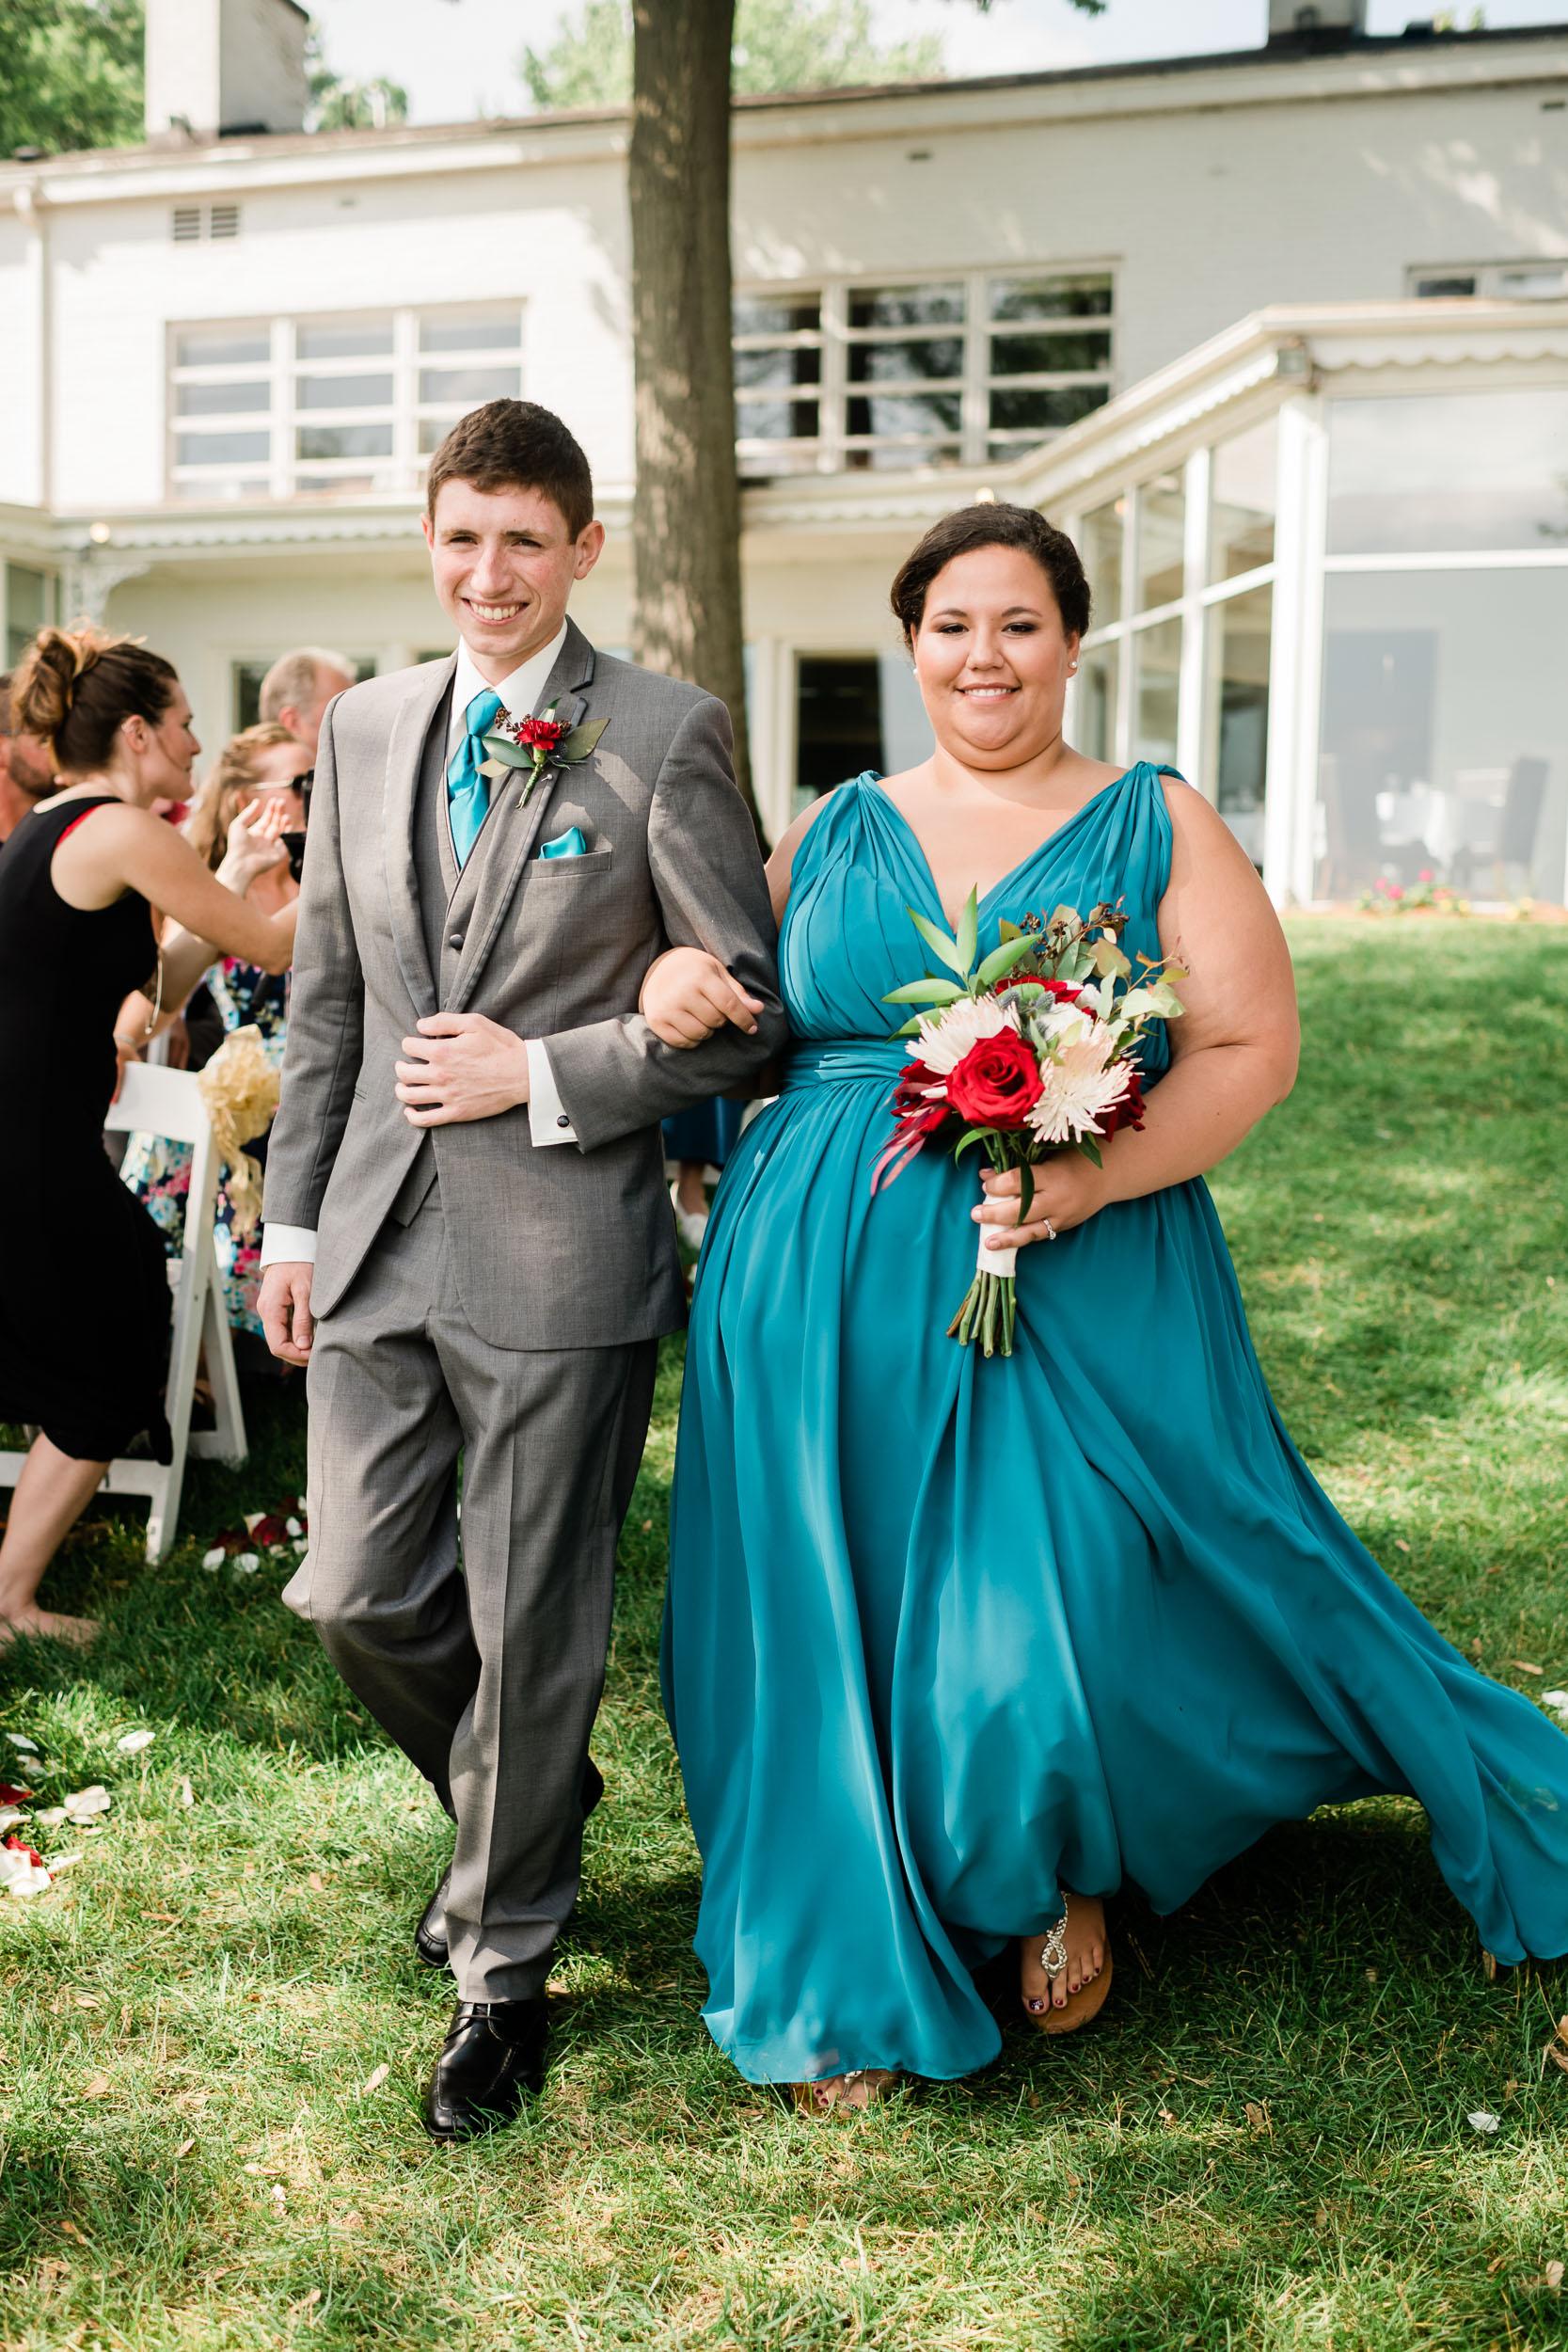 Groomsman and bridesmaid walking down the aisle